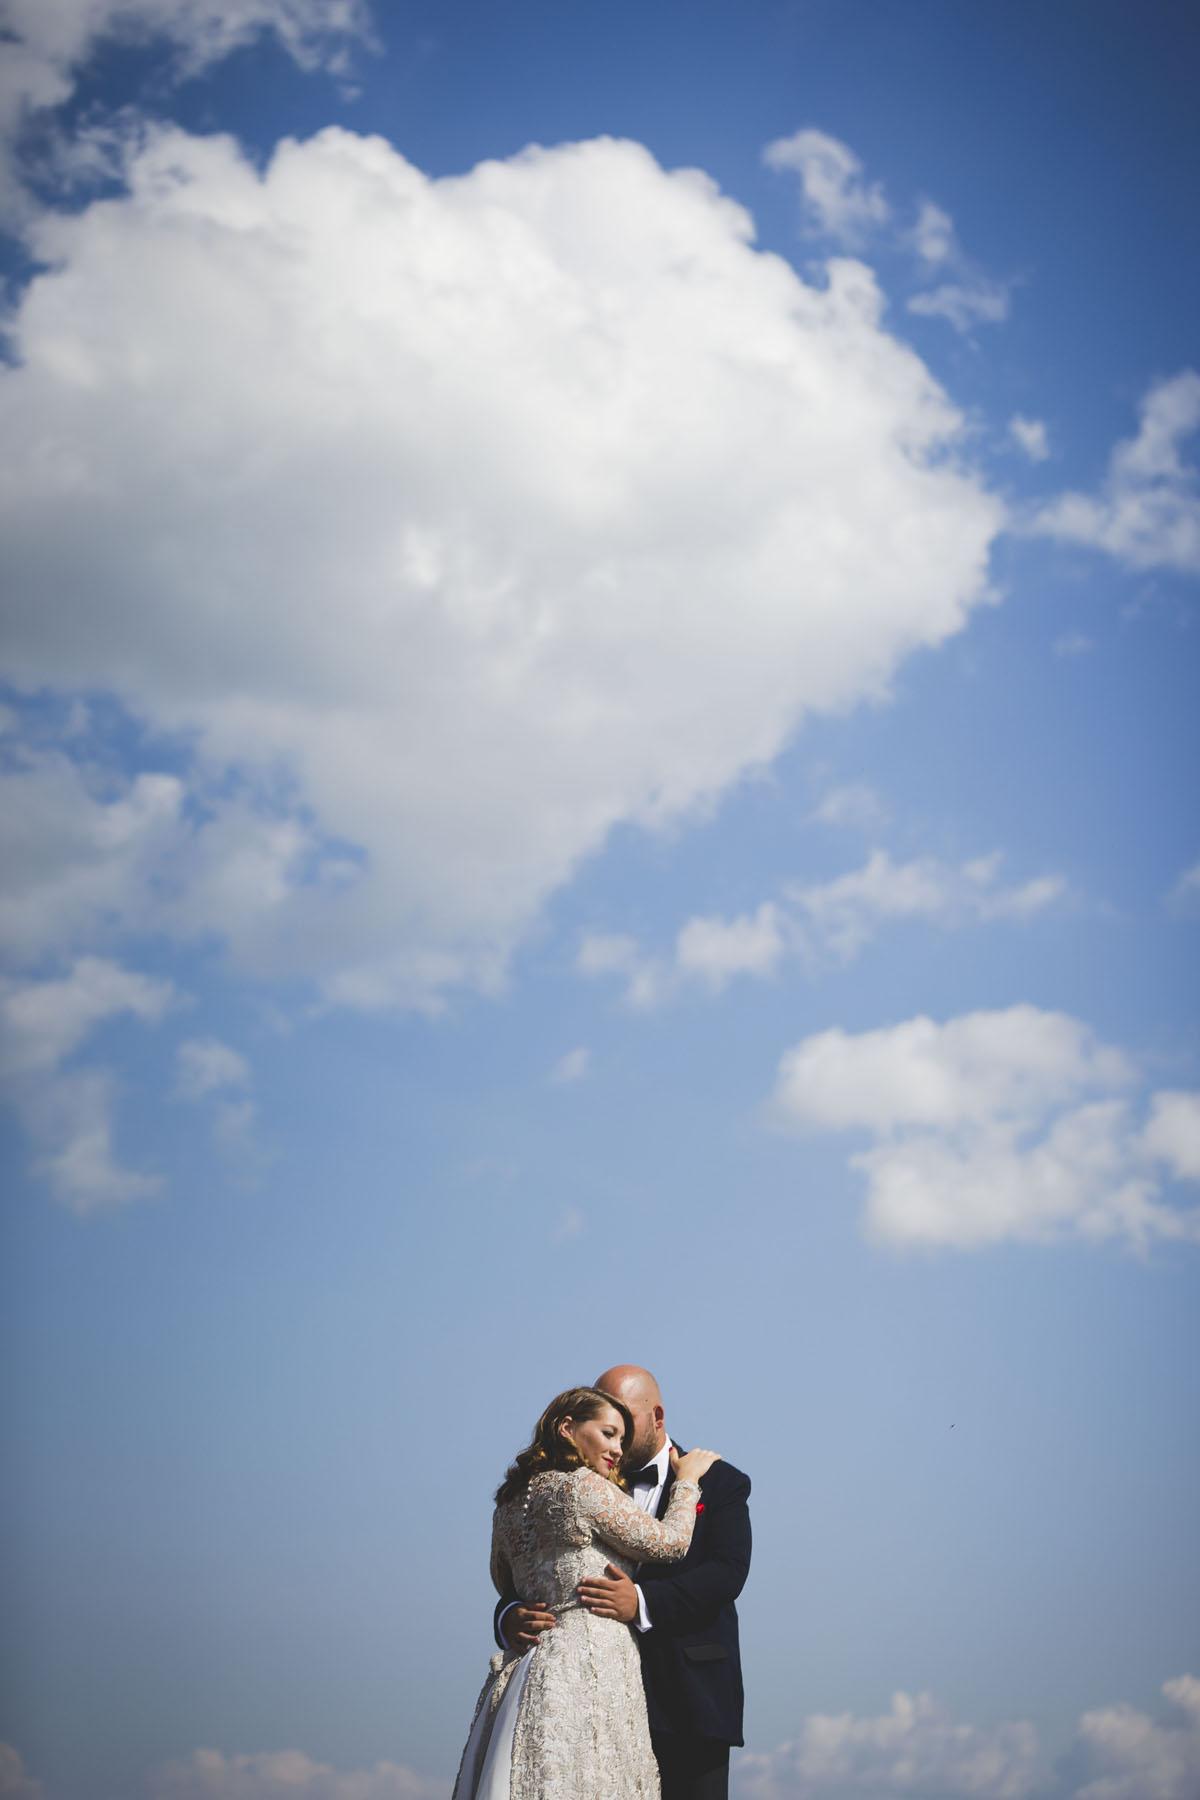 wedding-photos-031-diy-wedding.jpg